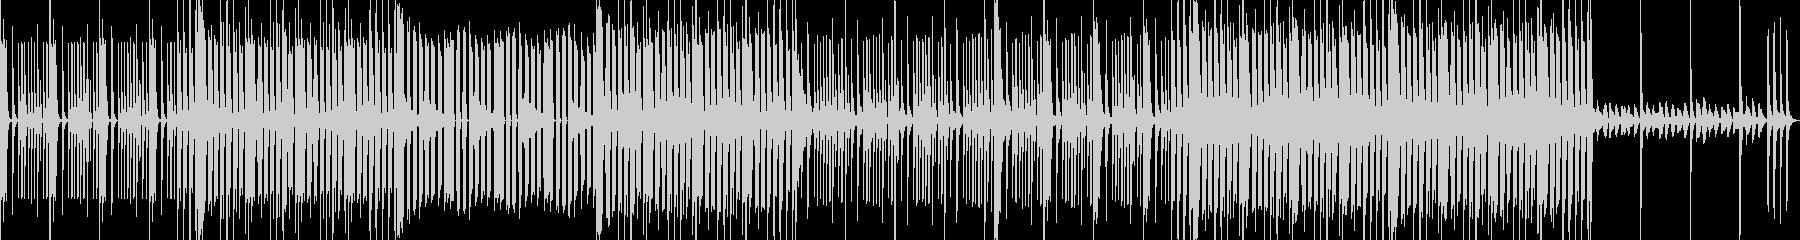 ファンキーでおちゃらけたBGMの未再生の波形